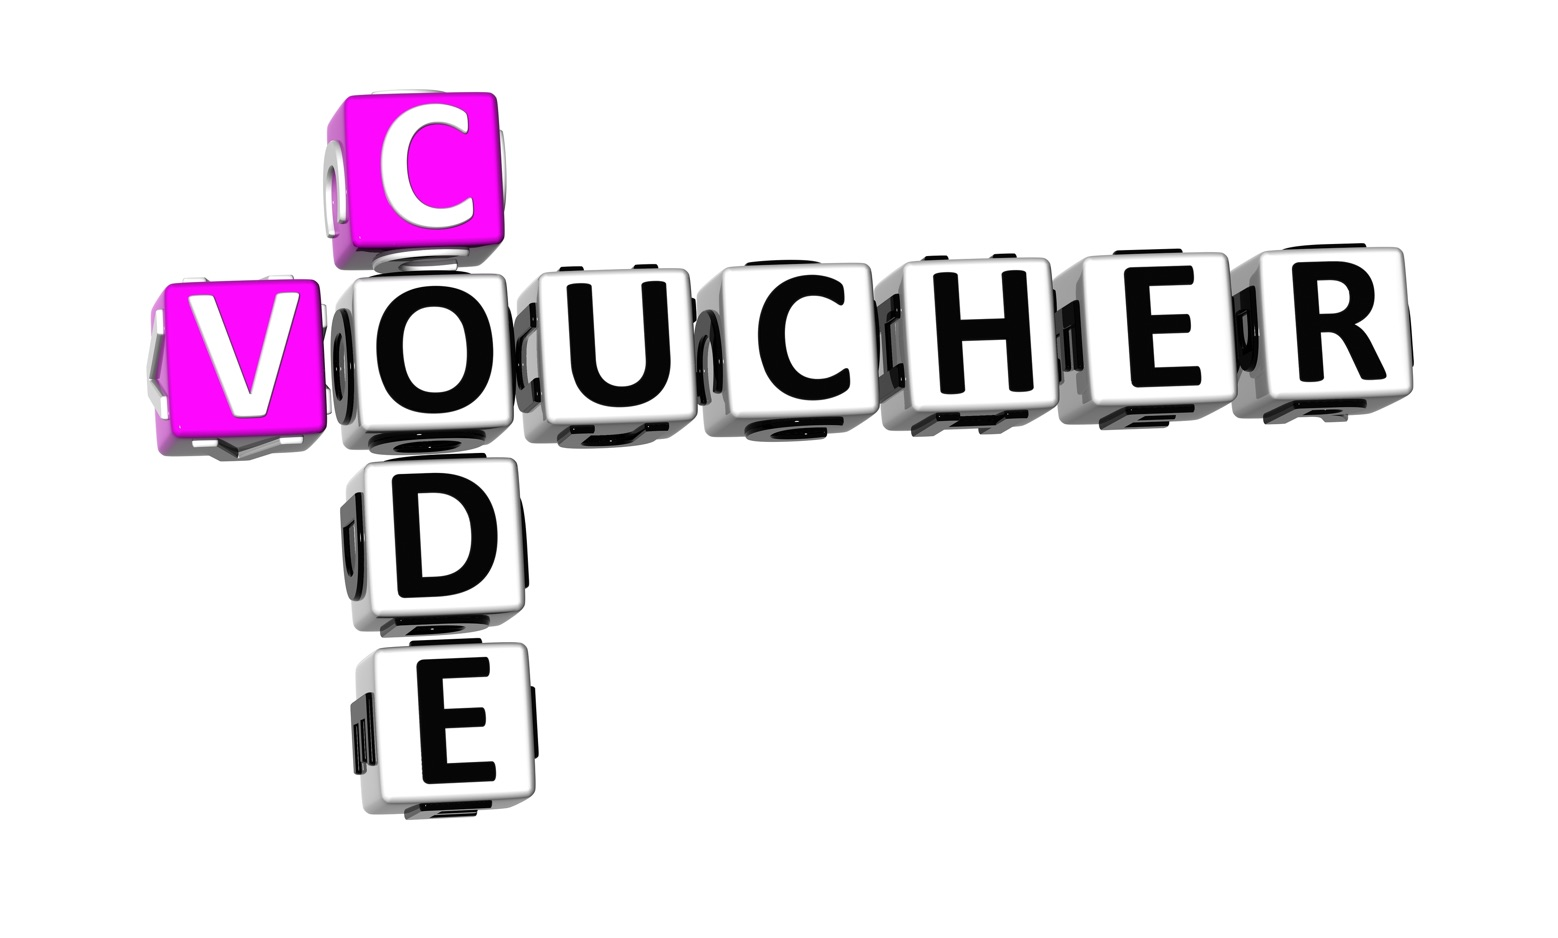 voucher code letter blocks